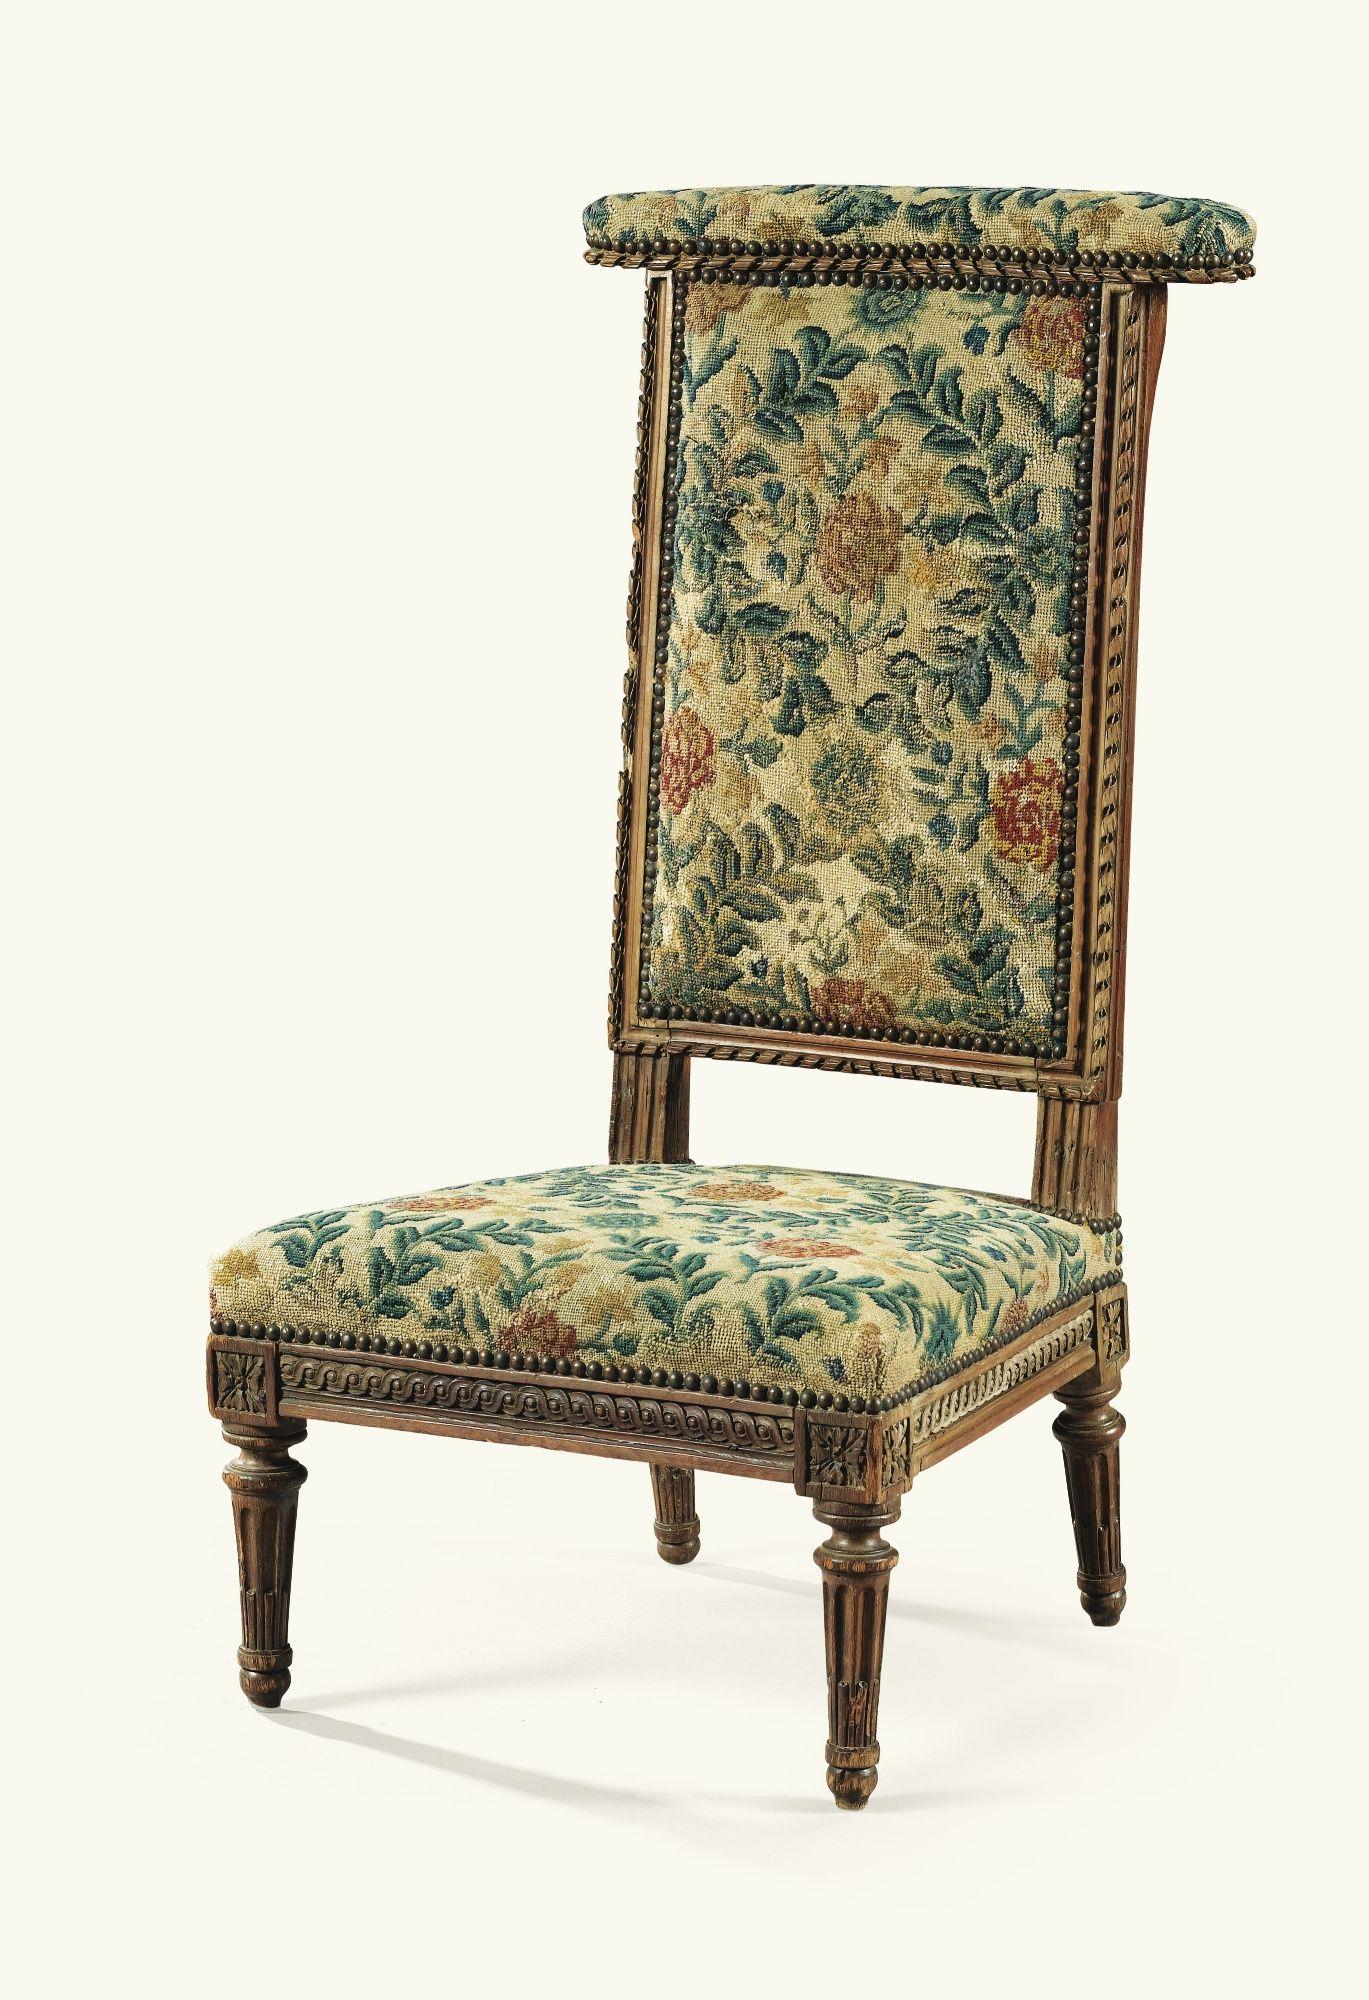 Chaise voyeuse en bois naturel d époque Louis XVI estampillée I B